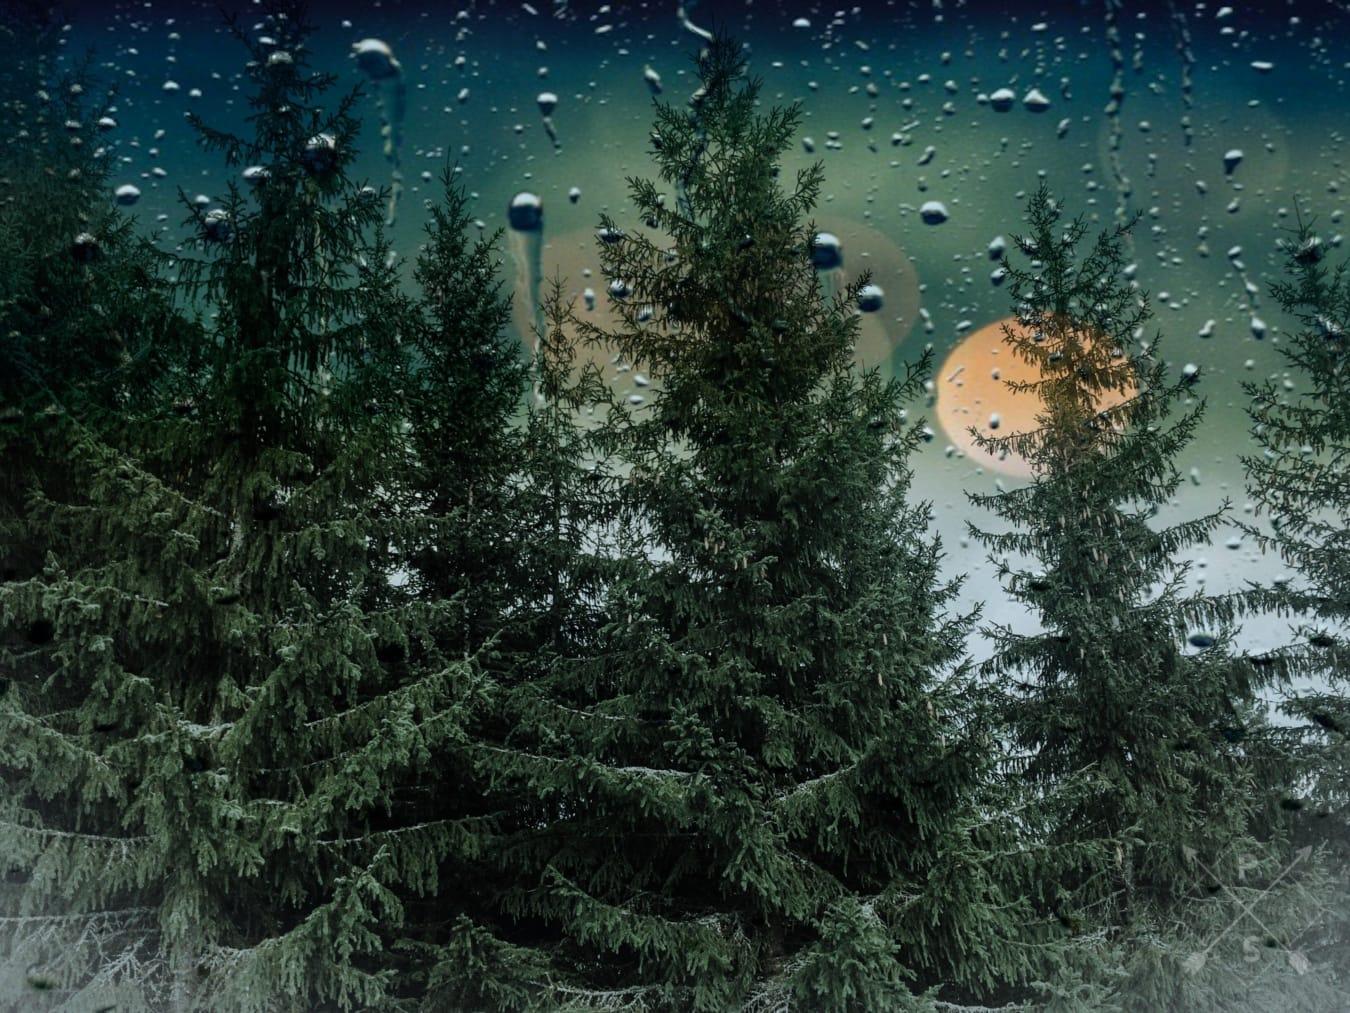 goutte de pluie, pluie, fenêtre, arbres, conifères, Evergreen, Wet, humidité, arbre, nature